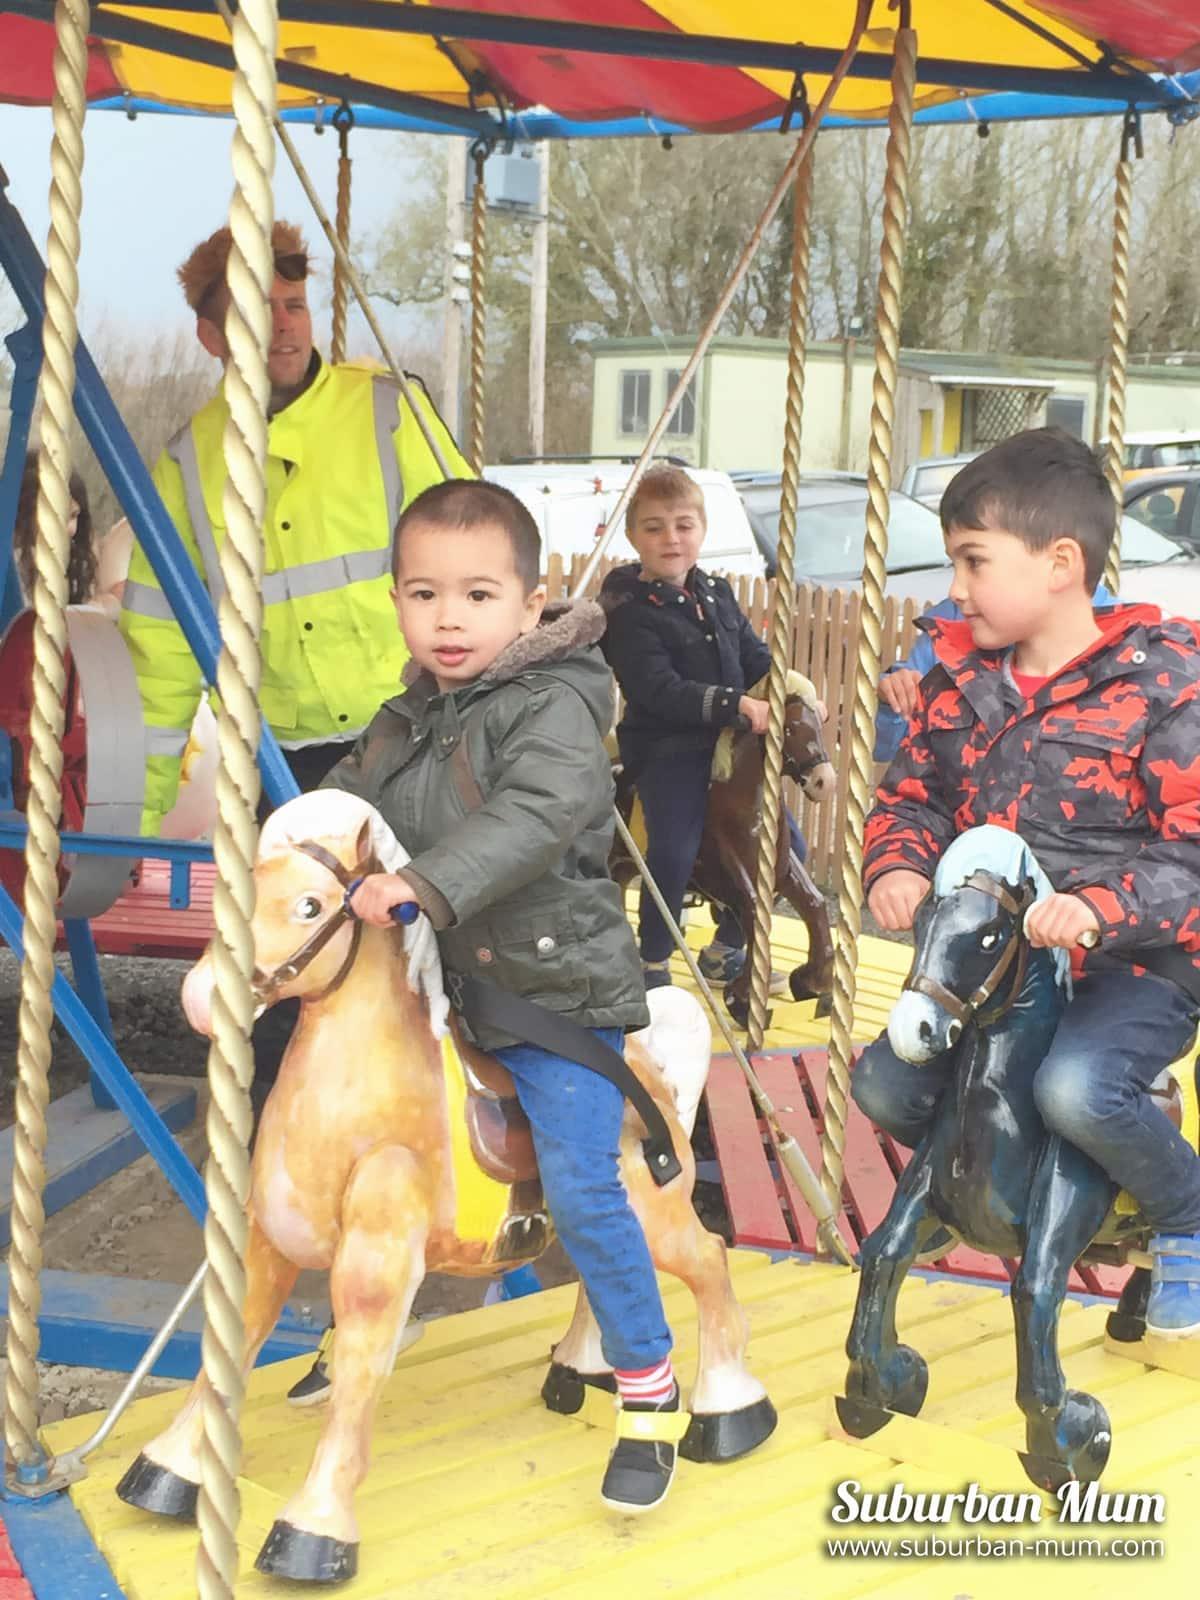 boys-merry-go-round